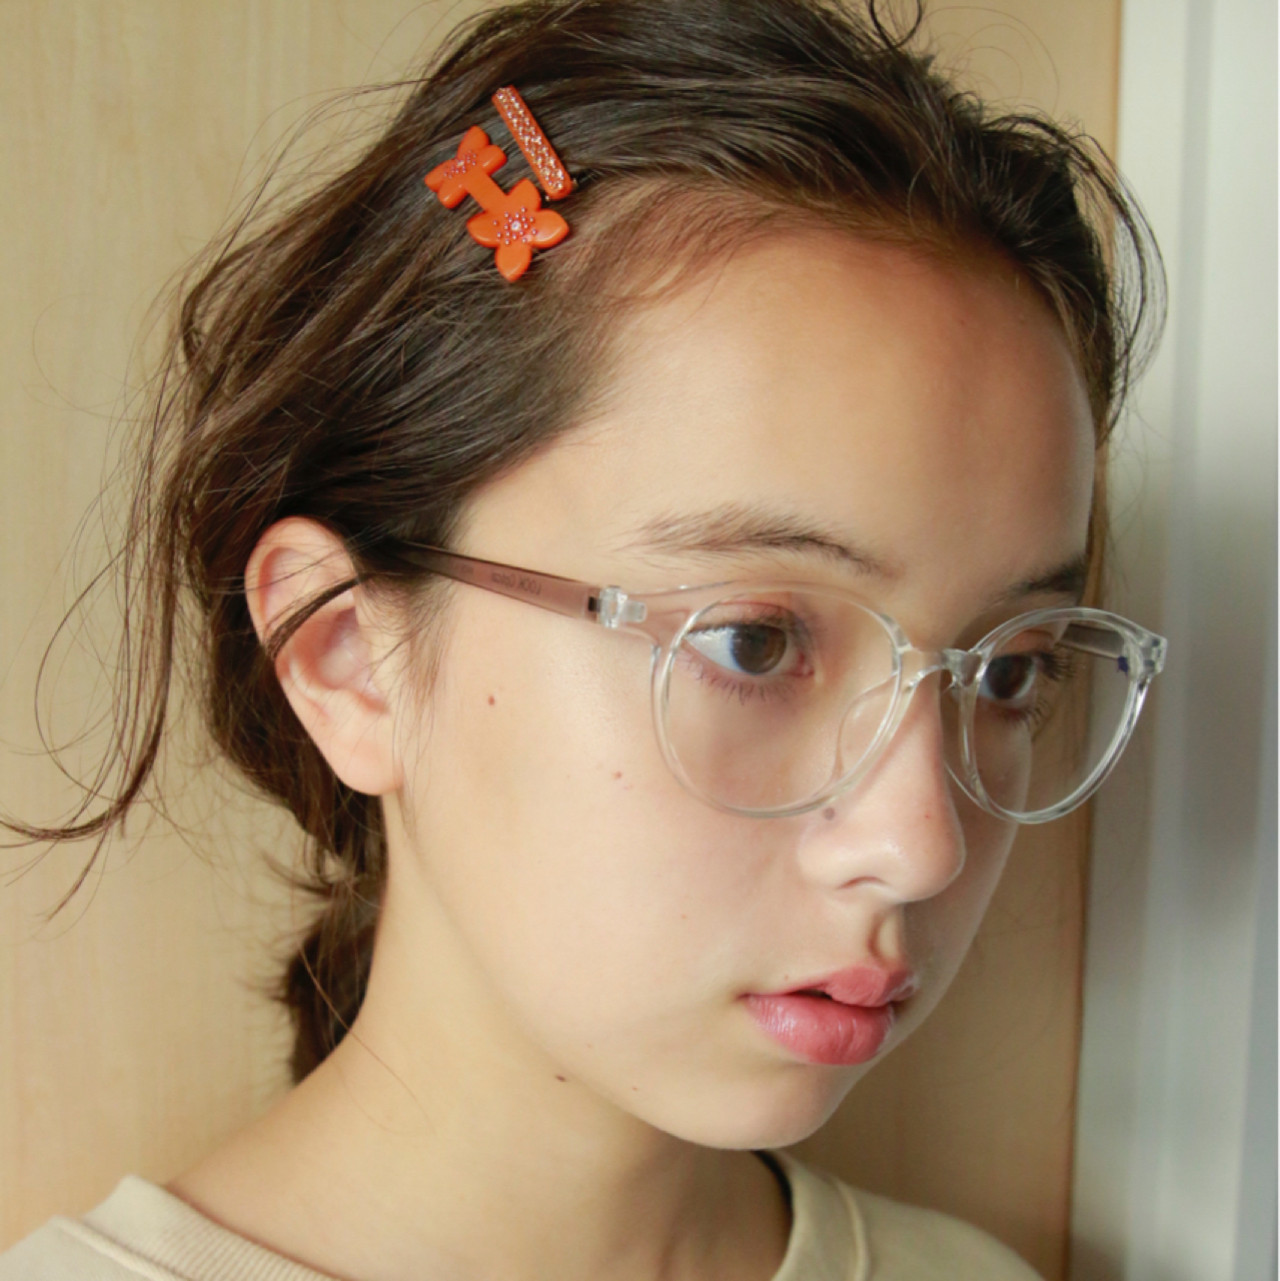 いつもと違う自分を楽しみたい!簡単かわいいヘアアレンジをご紹介♡の9枚目の画像